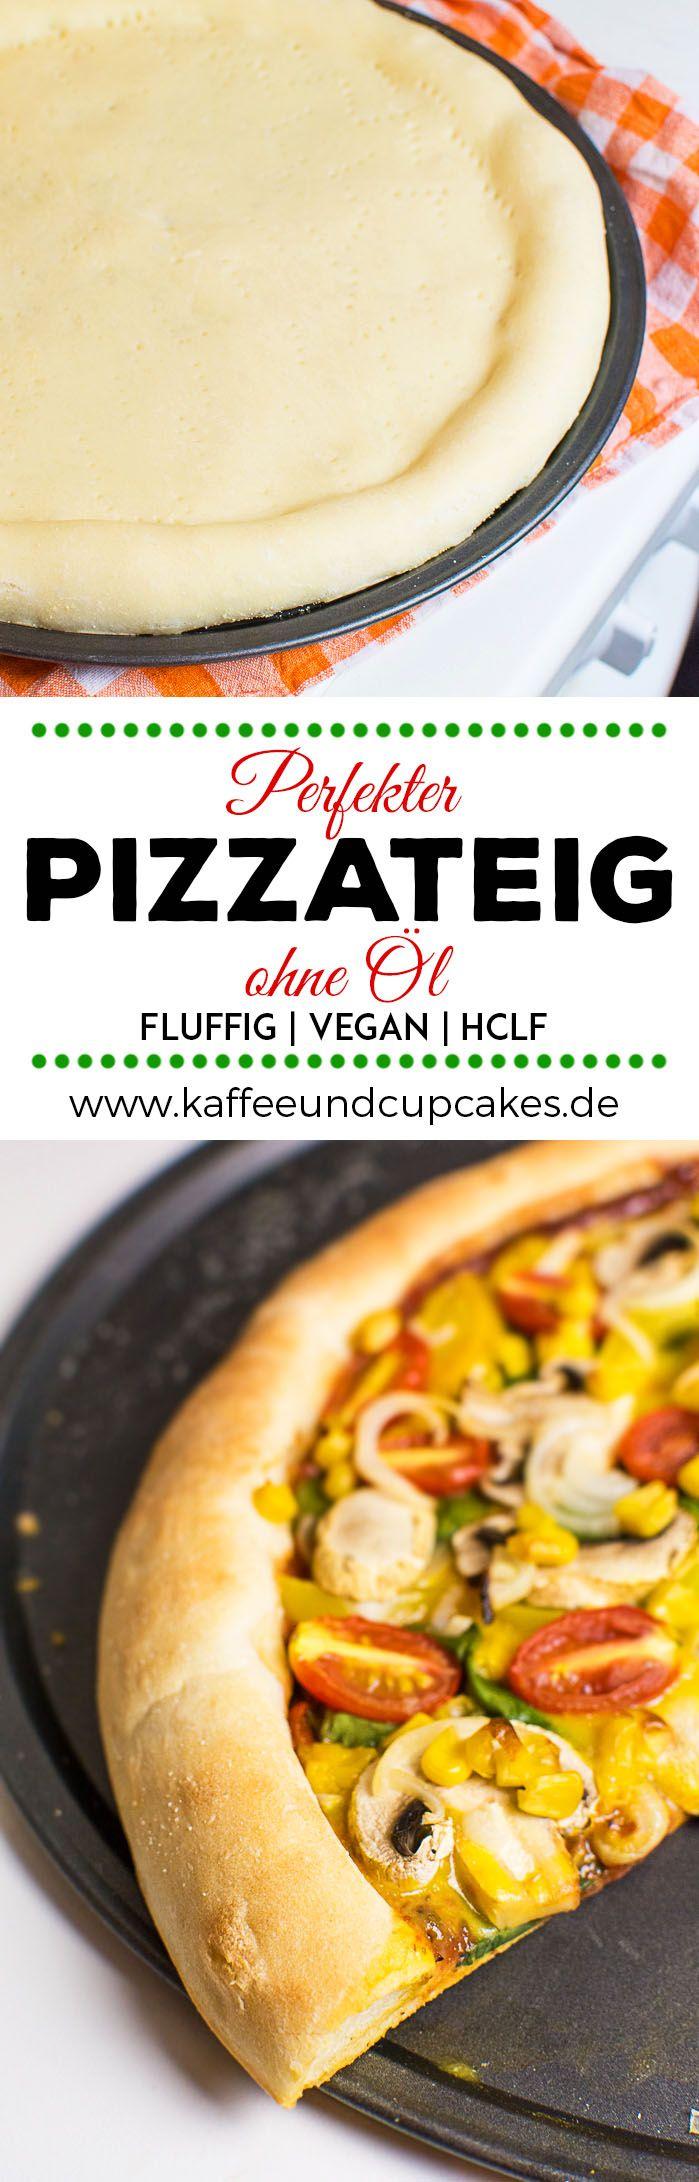 Dieses Rezept für Pizzateig kommt ganz ohne Öl aus und ist daher so gut wie fettfrei. Dennoch ist der Pizzateig richtig weich und fluffig, aber gleichzeitig fest genug, dass man die Pizzastücke auch einzeln mit der Hand hochheben kann. Also kurz gesagt, er ist einfach perfekt.   Kaffee & Cupcakes #pizza #pizzateig #veganepizza #pizzaboden #fettarm #fettfrei #hclf #lowfat #vegan #ohneöl